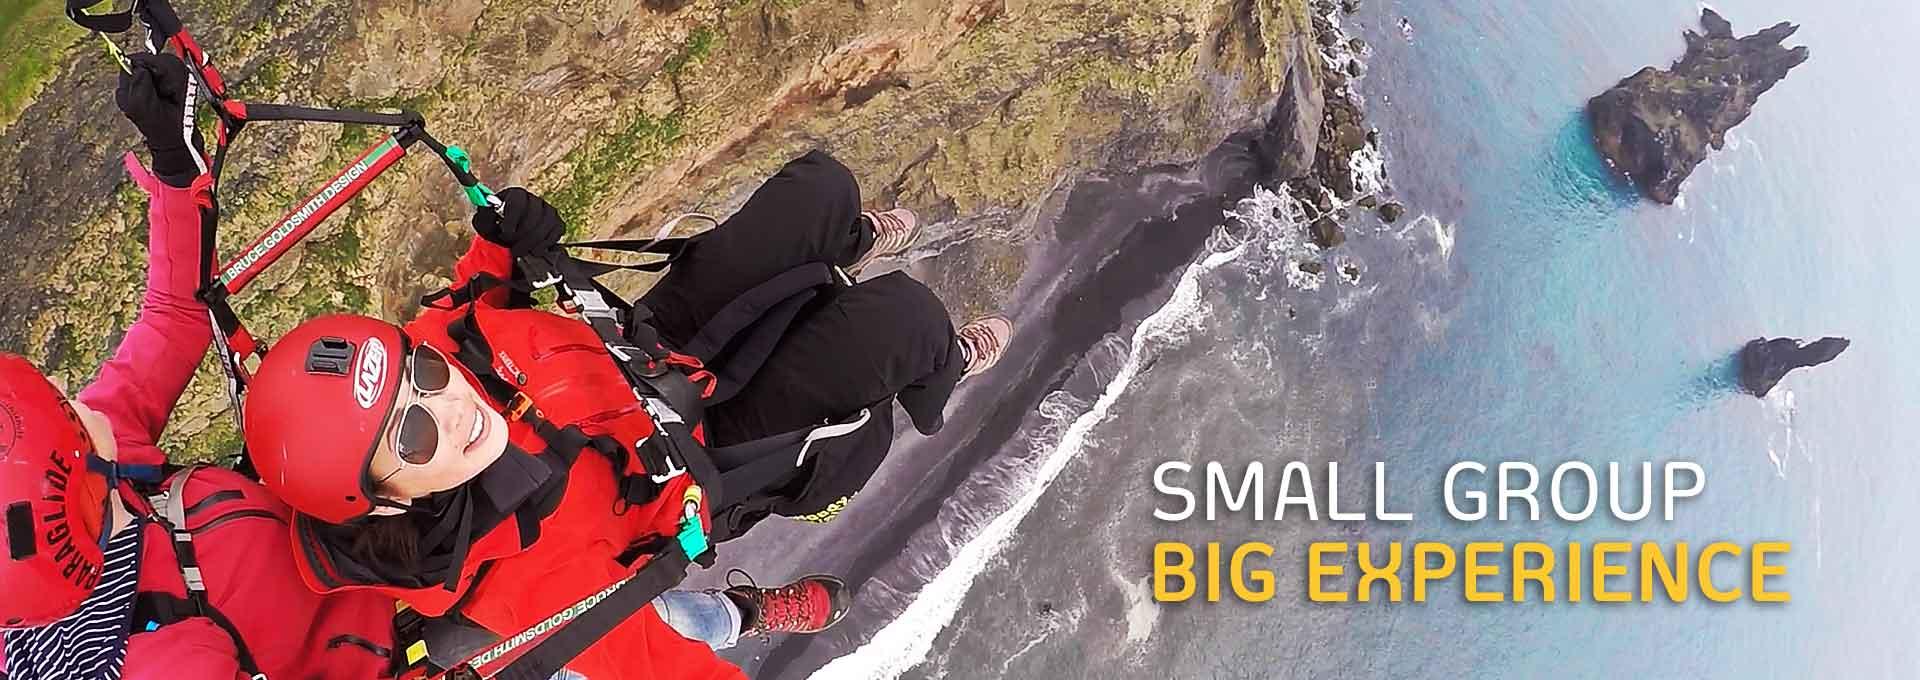 Paragliding-Iceland-South-Coast-Vik-Happyworld